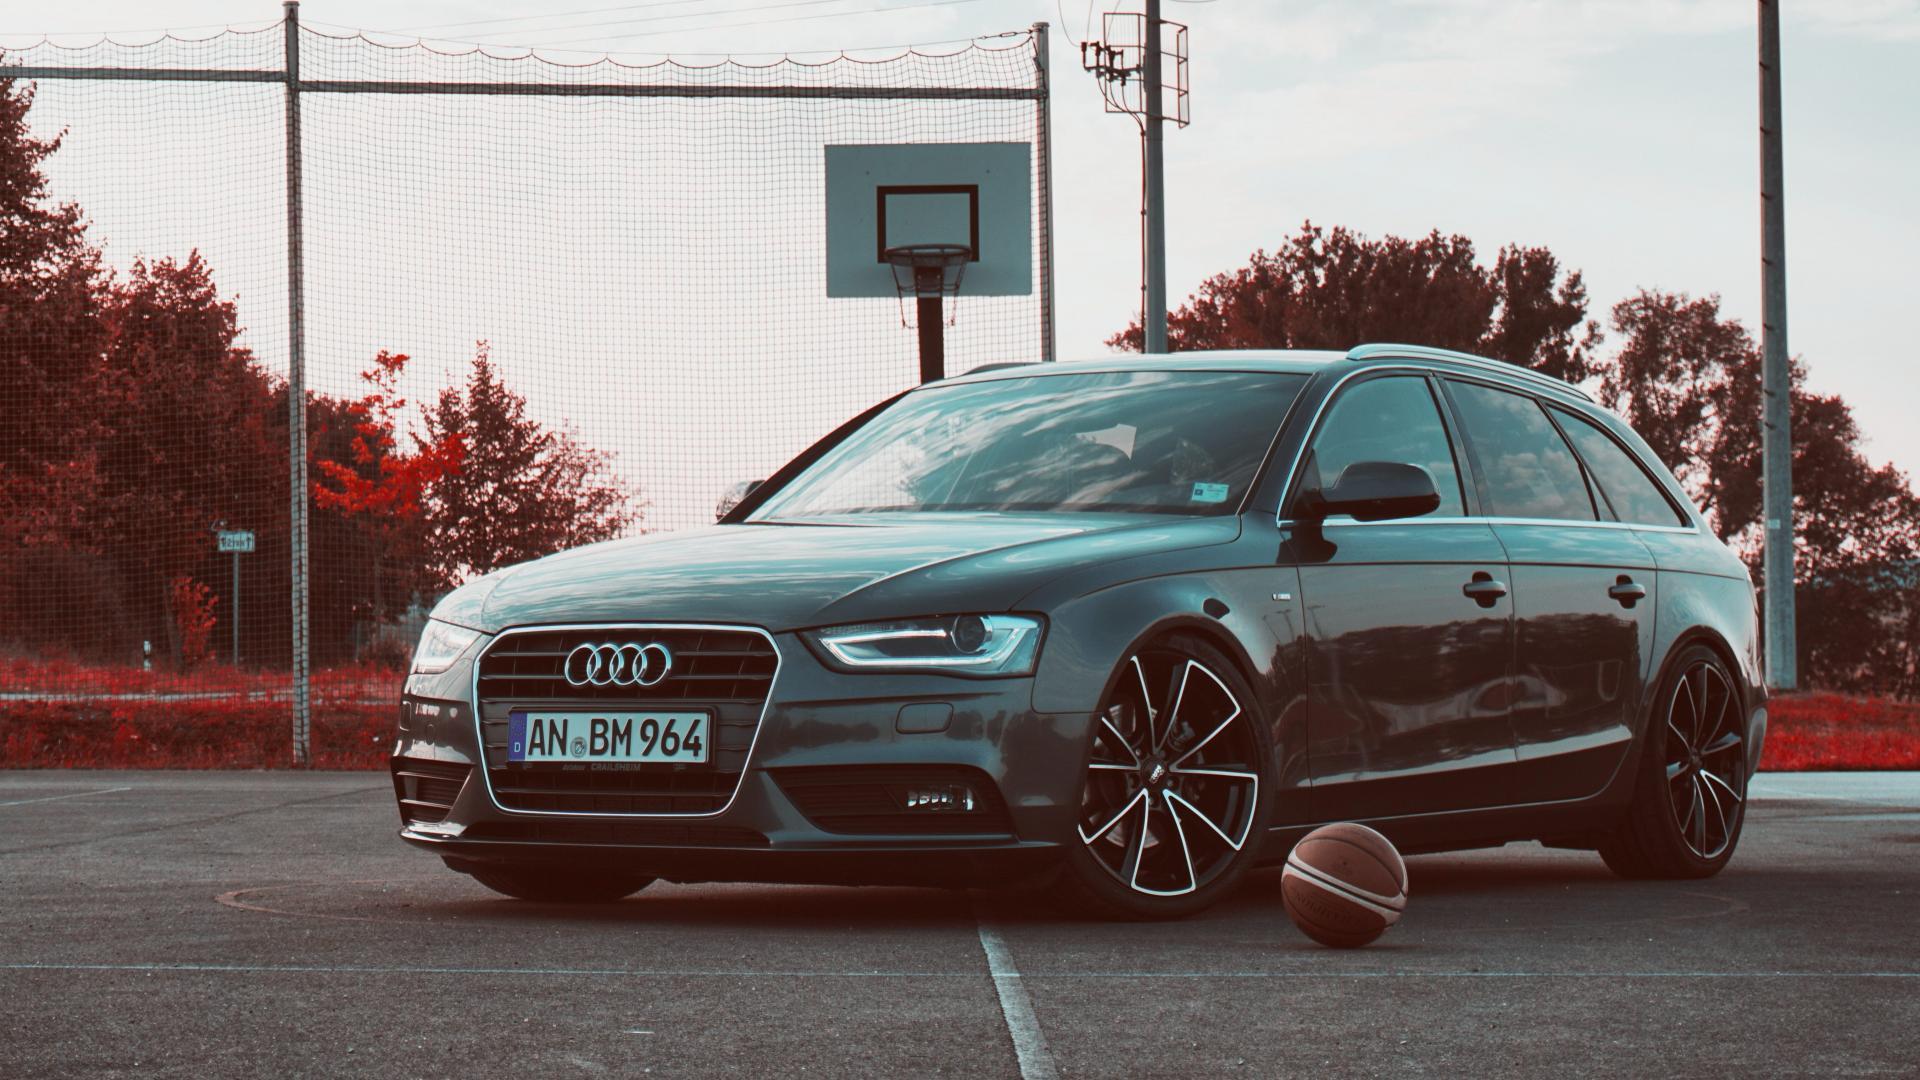 Audi A4 Avant basketbal